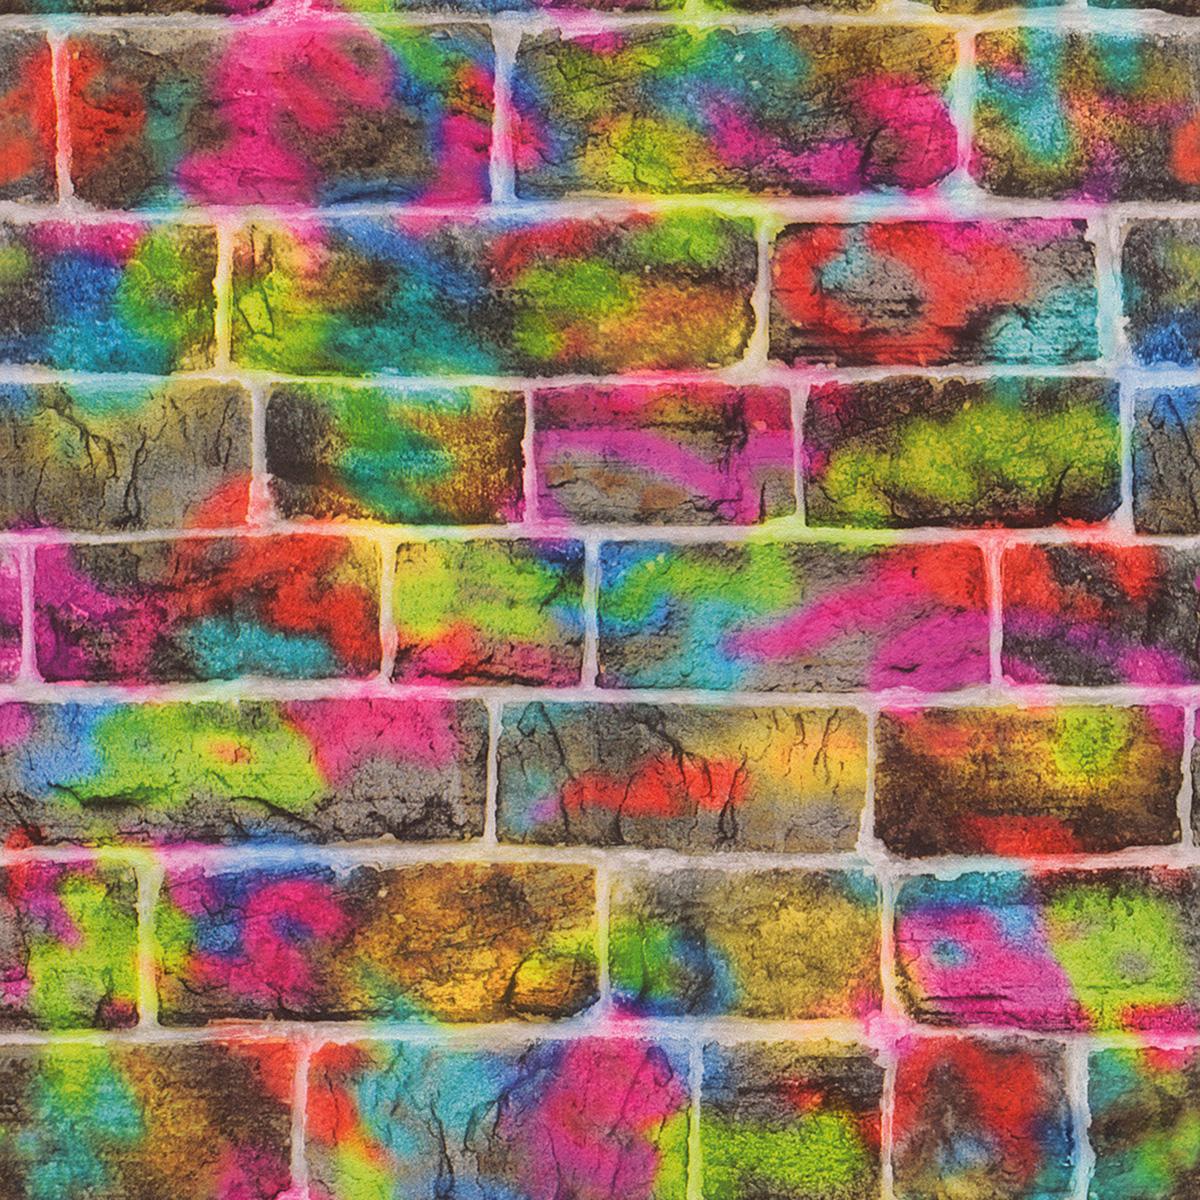 Brick Graffiti Wallpaper Rasch 291407